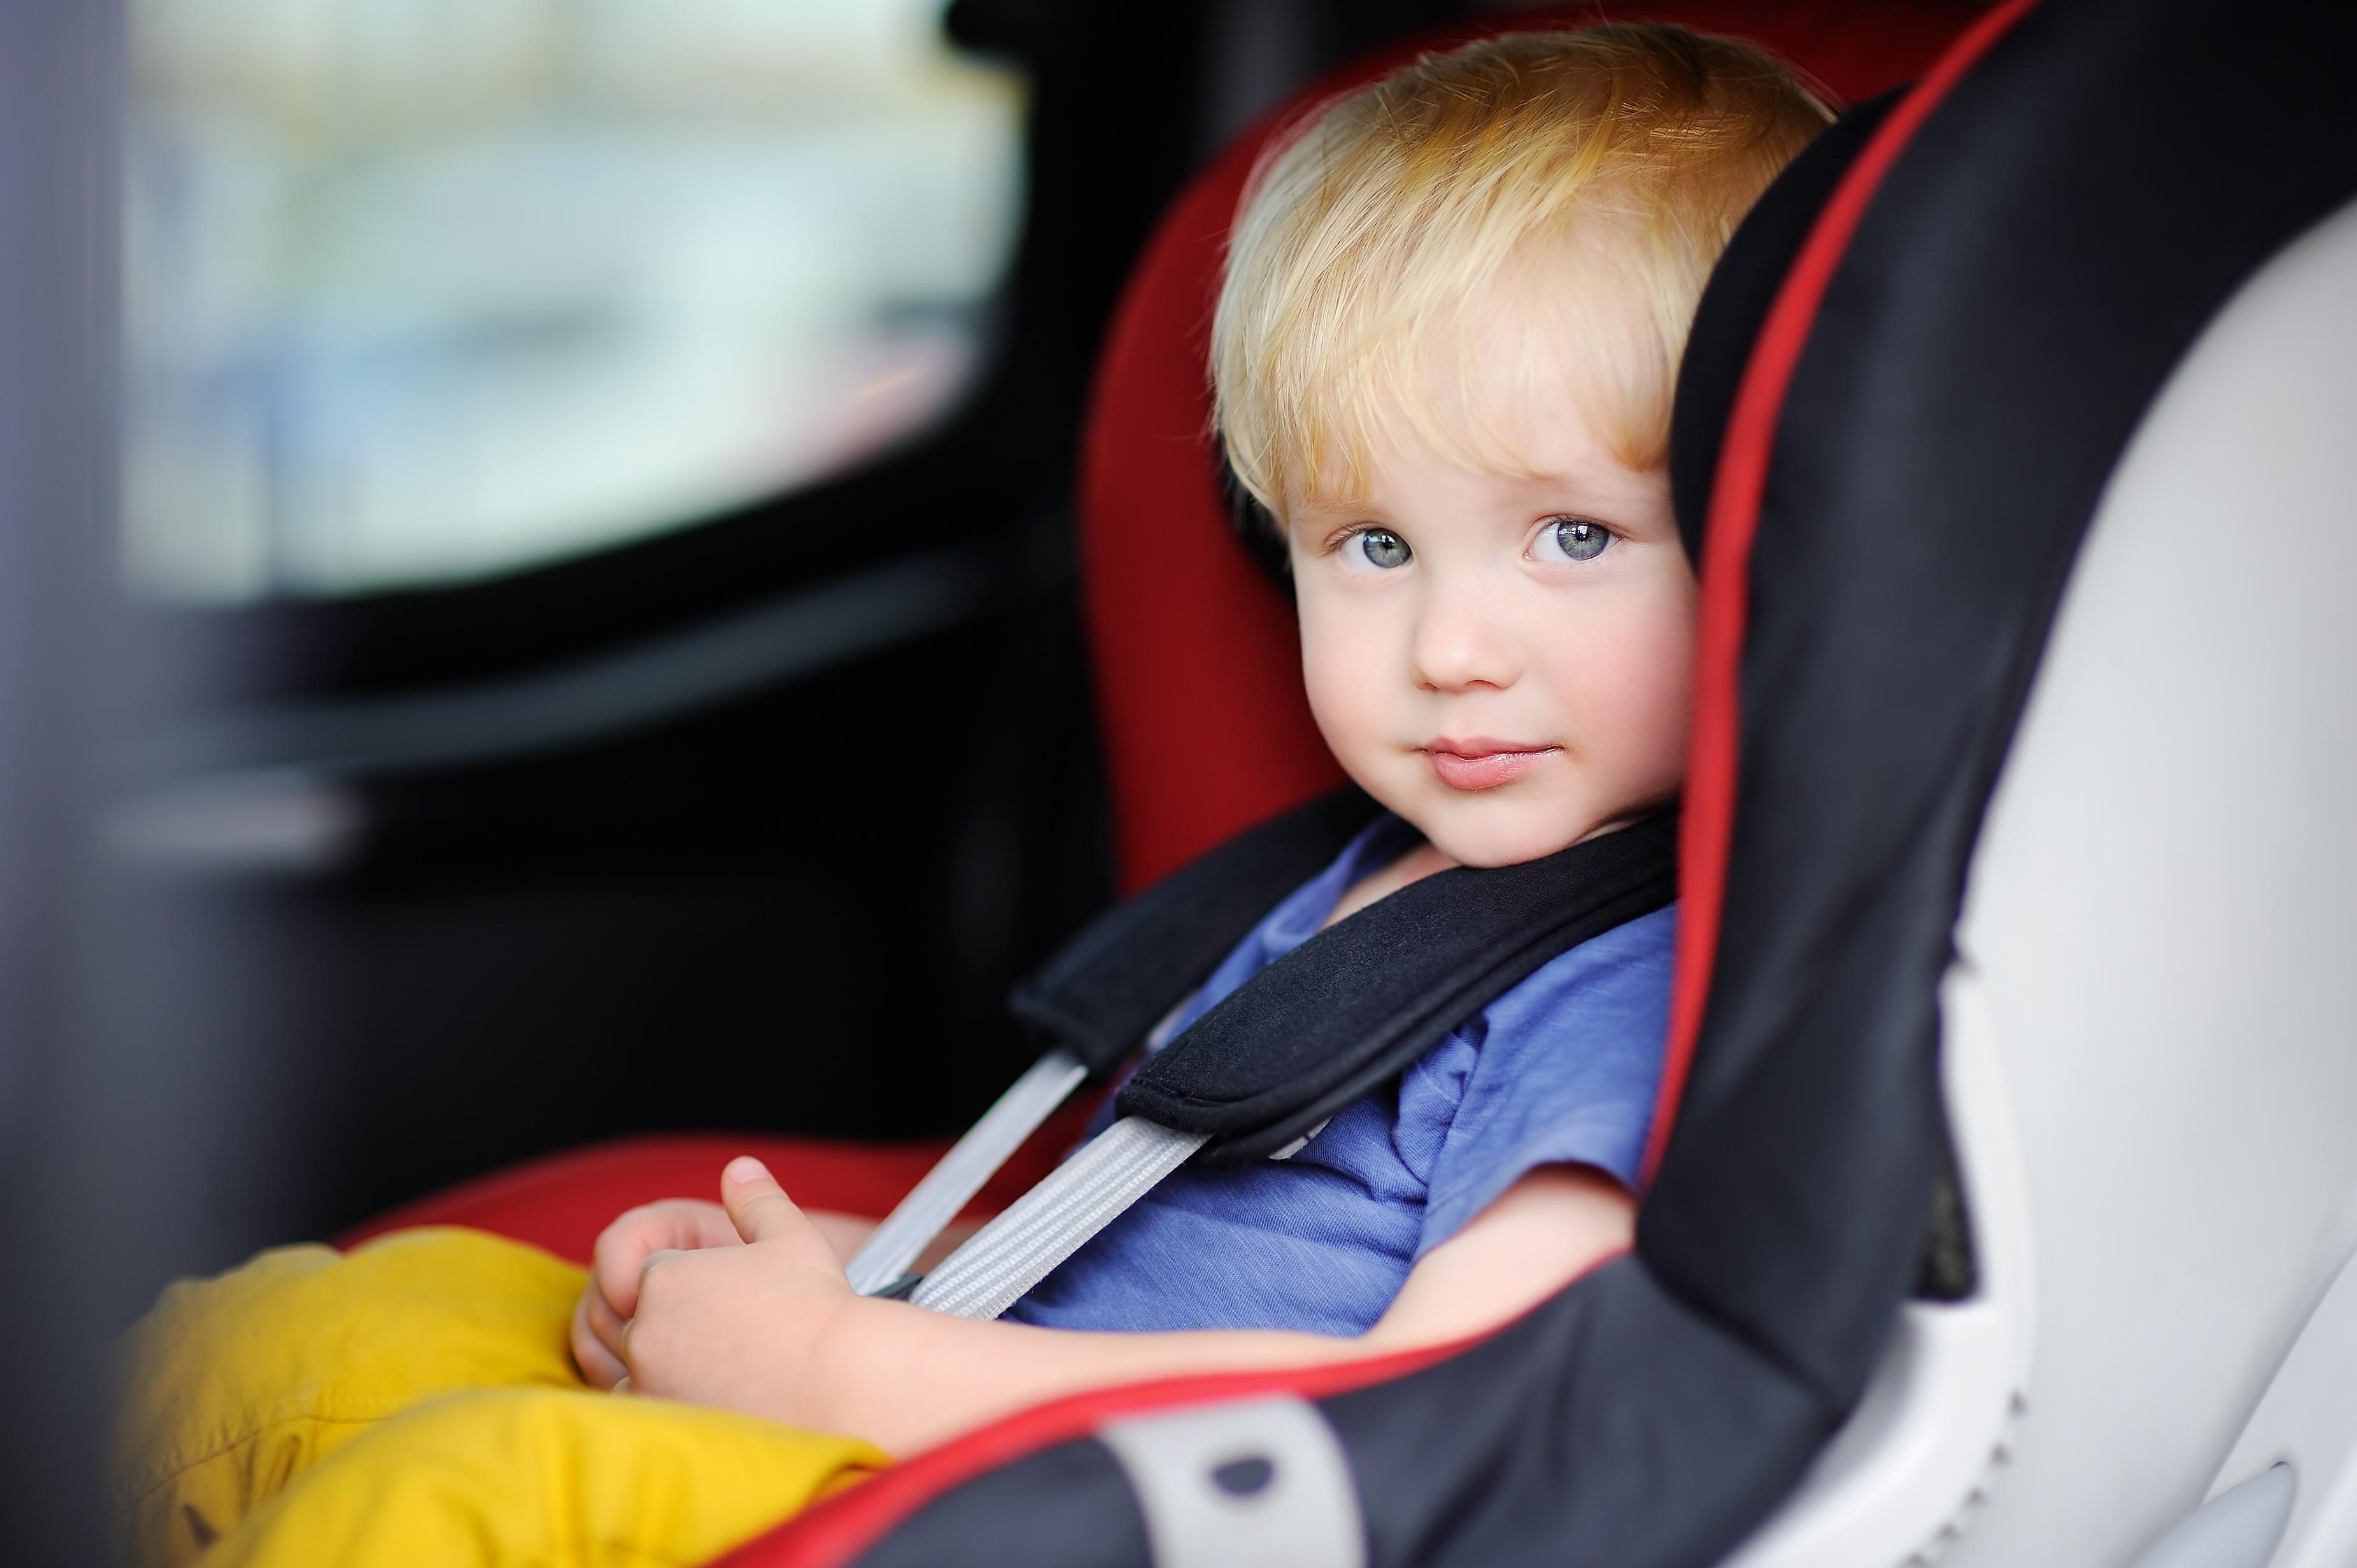 Chico en auto silla seguridad